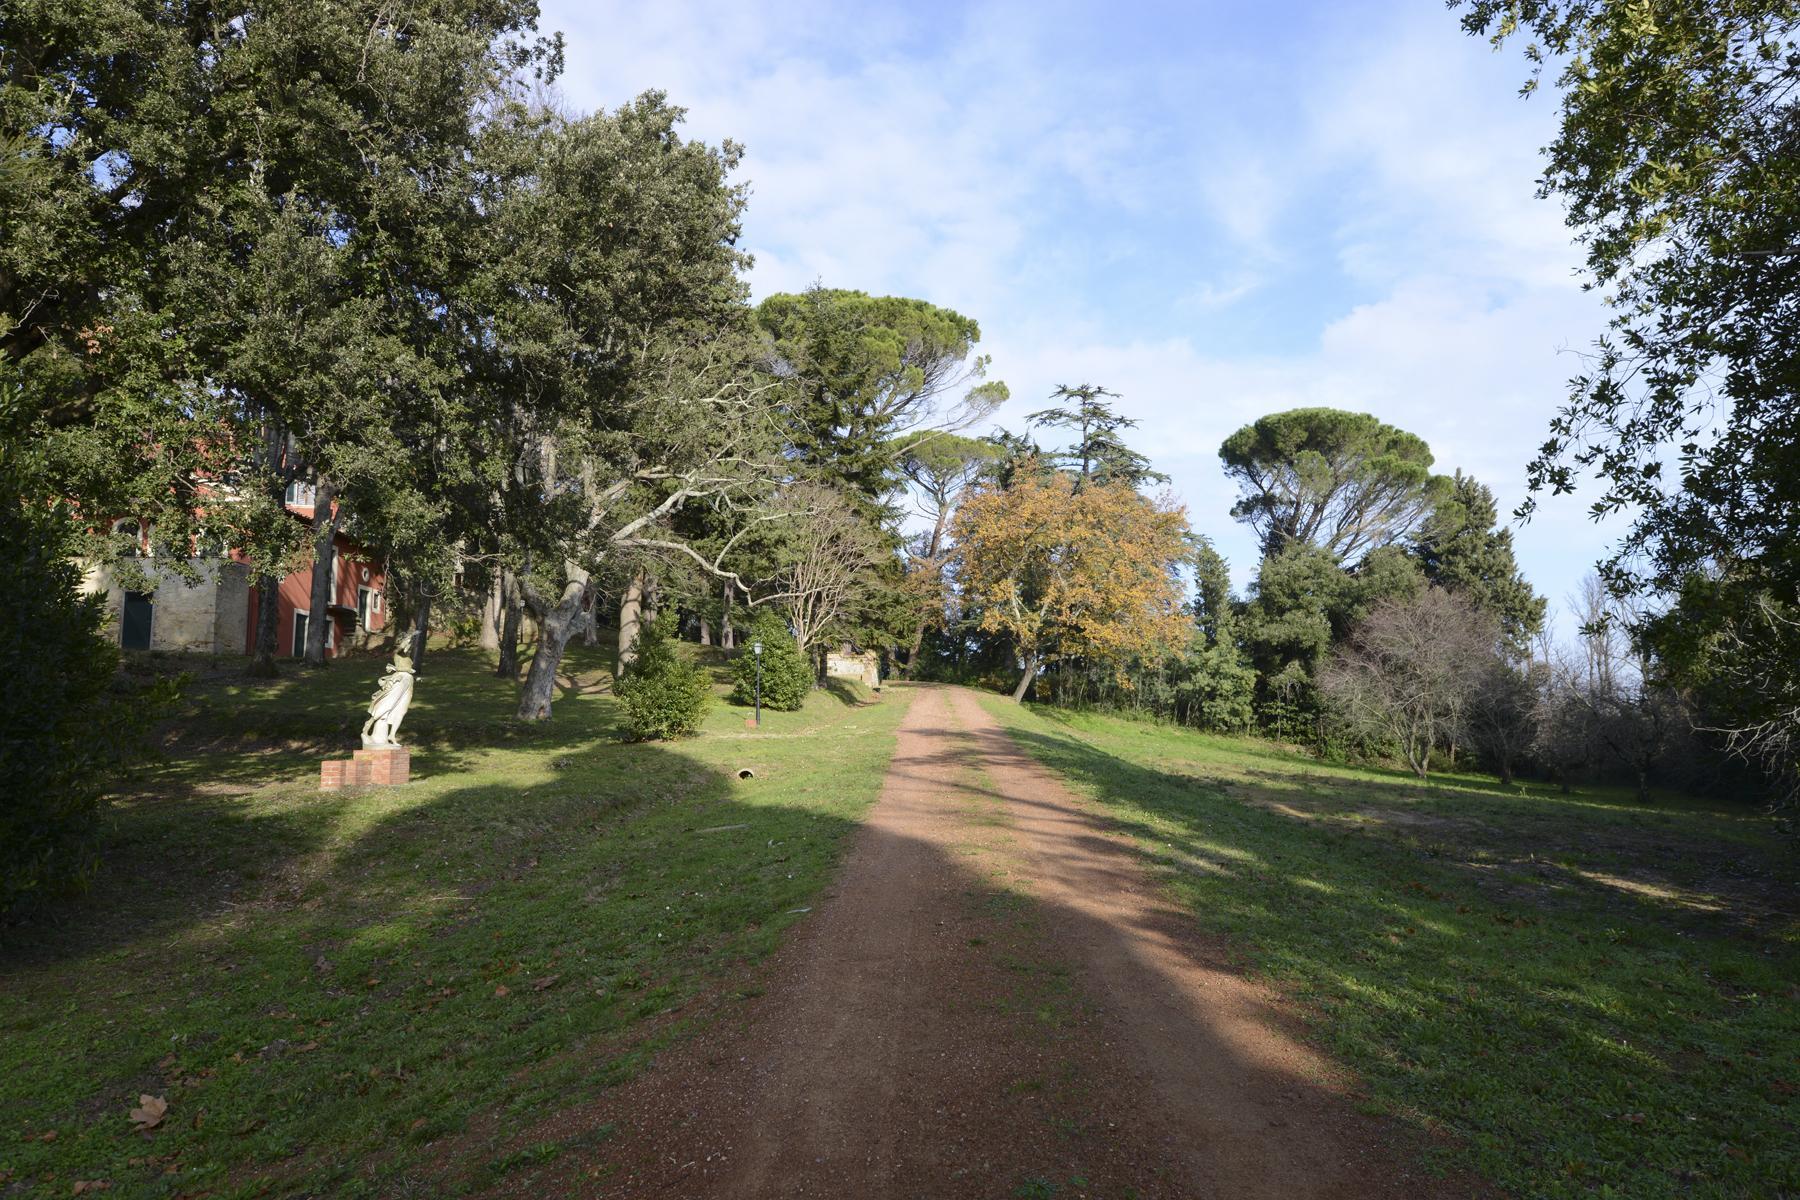 Wunderschönes Bauernhaus mitten auf dem Land von Pisa - 29